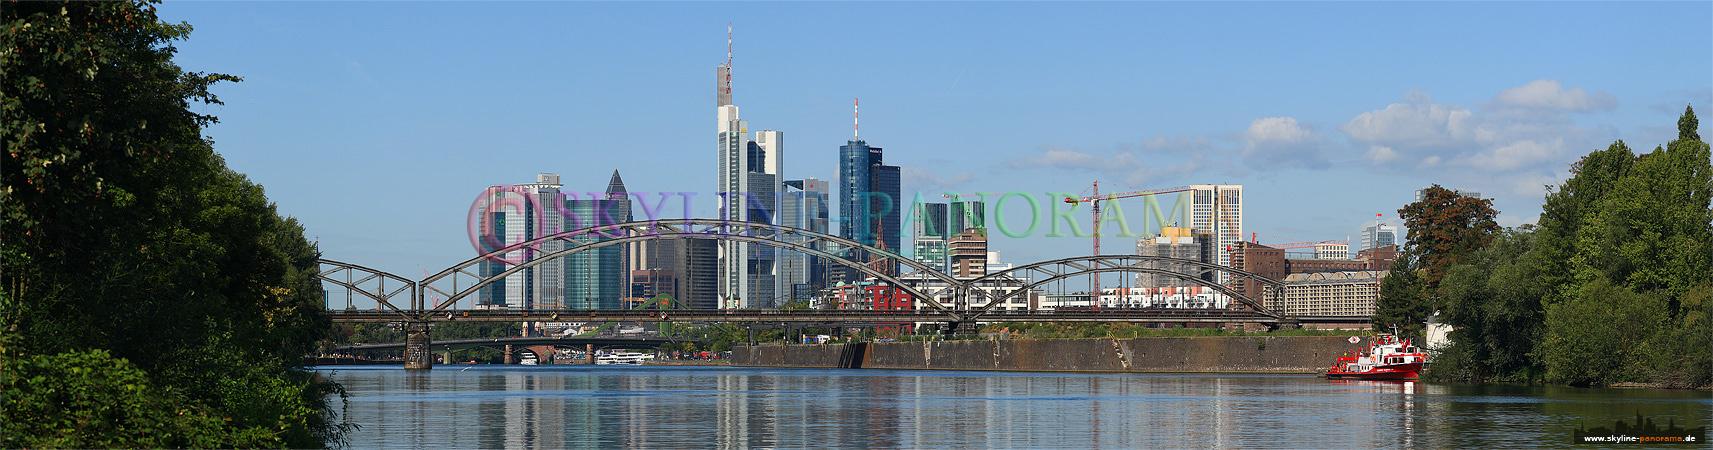 Panoramafoto der frankfurter skyline gesehen vom parkplatz des